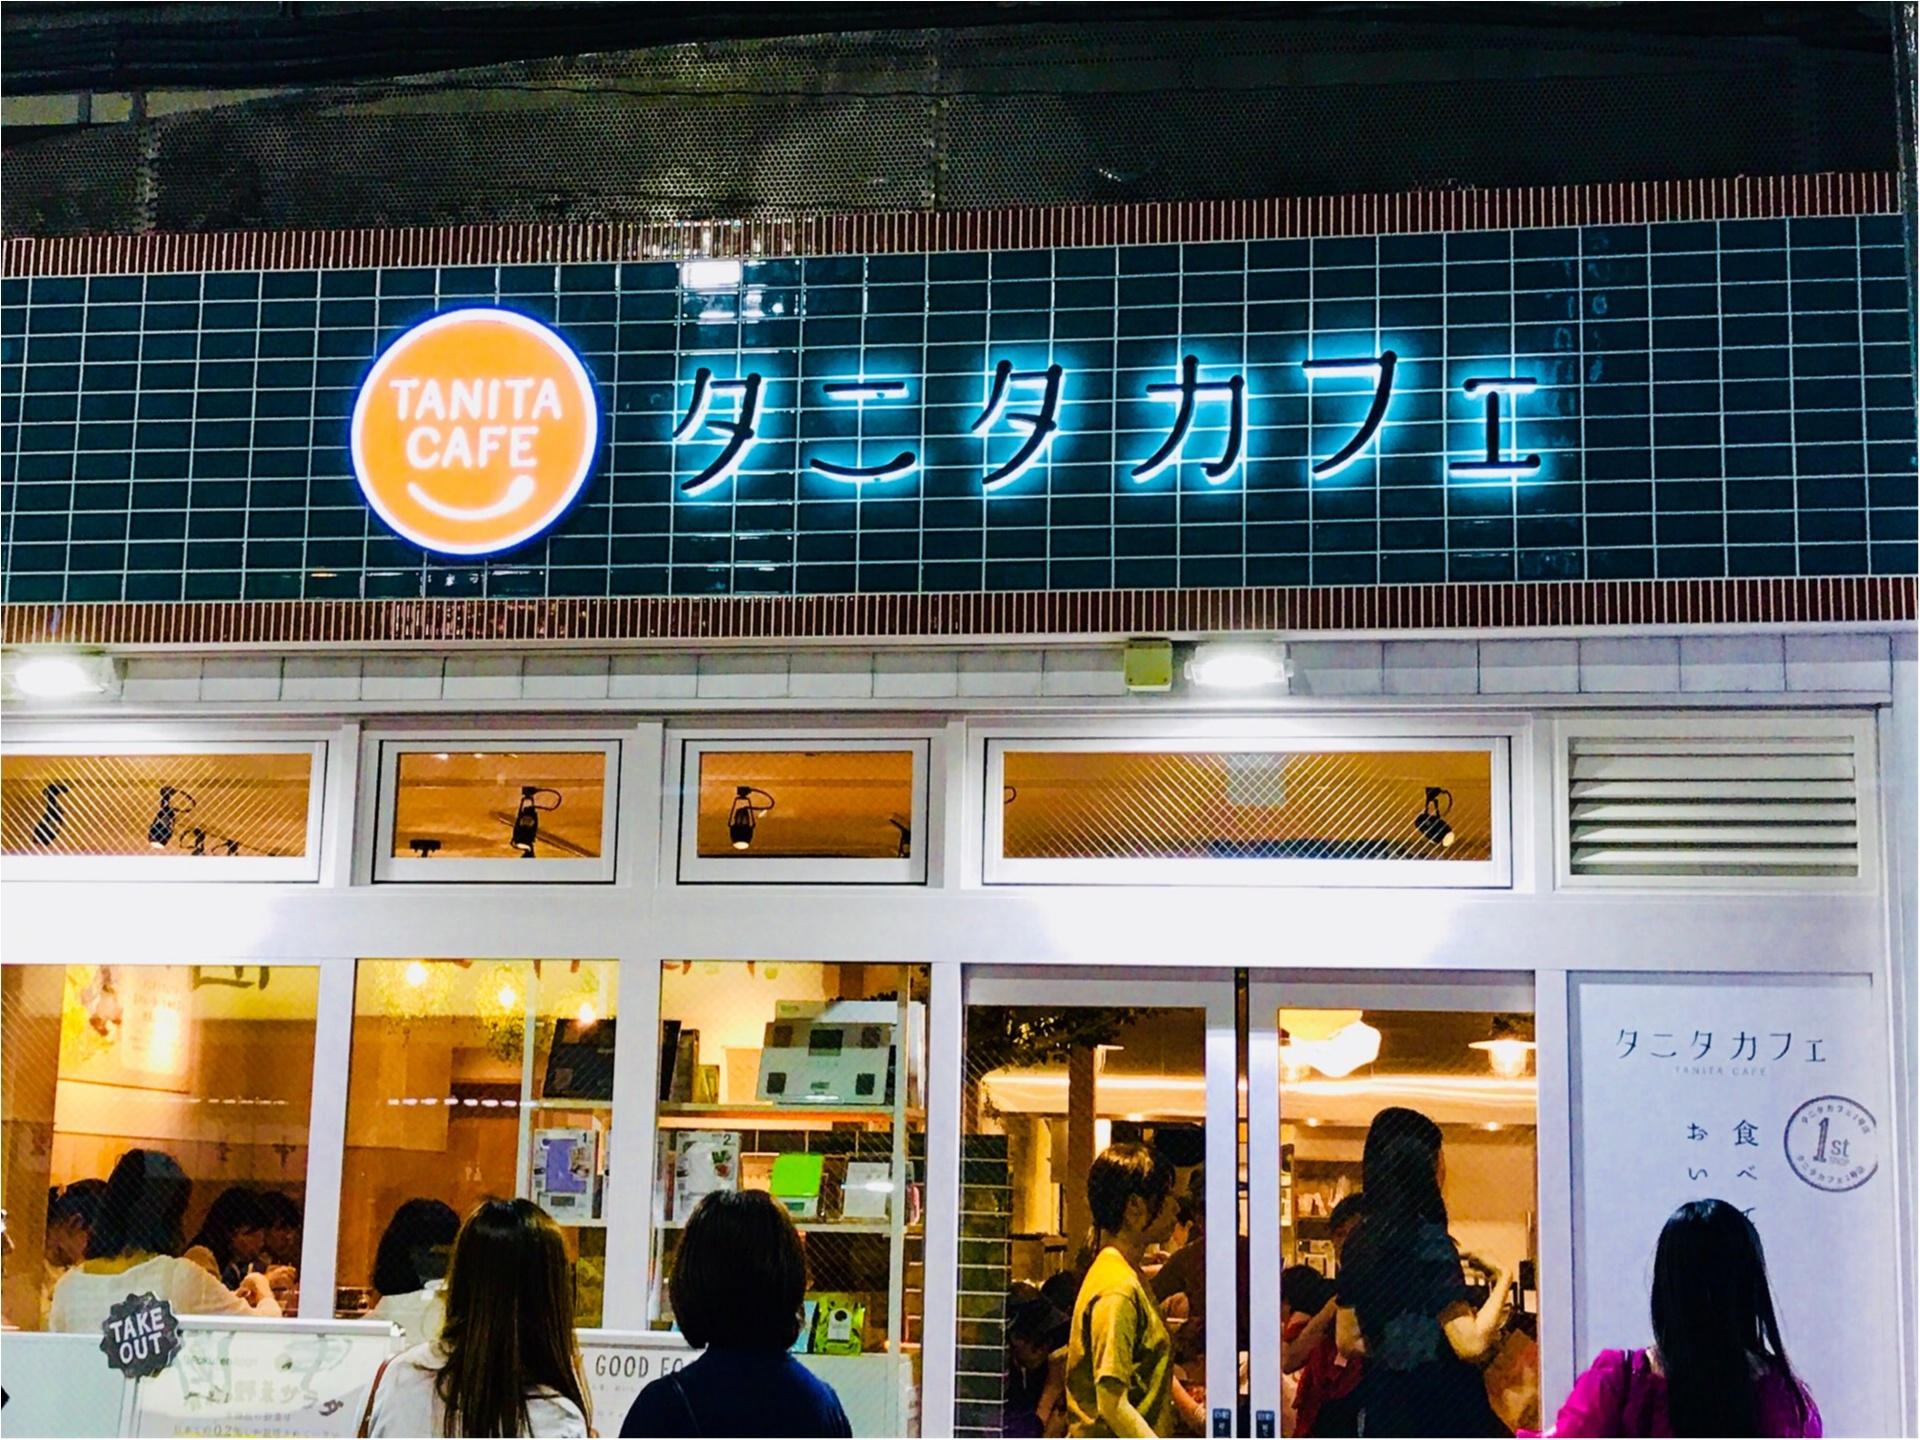 """【タニタカフェ】ダイエットの強い味方!""""噛む""""スムージー《カムージー》って?_1"""